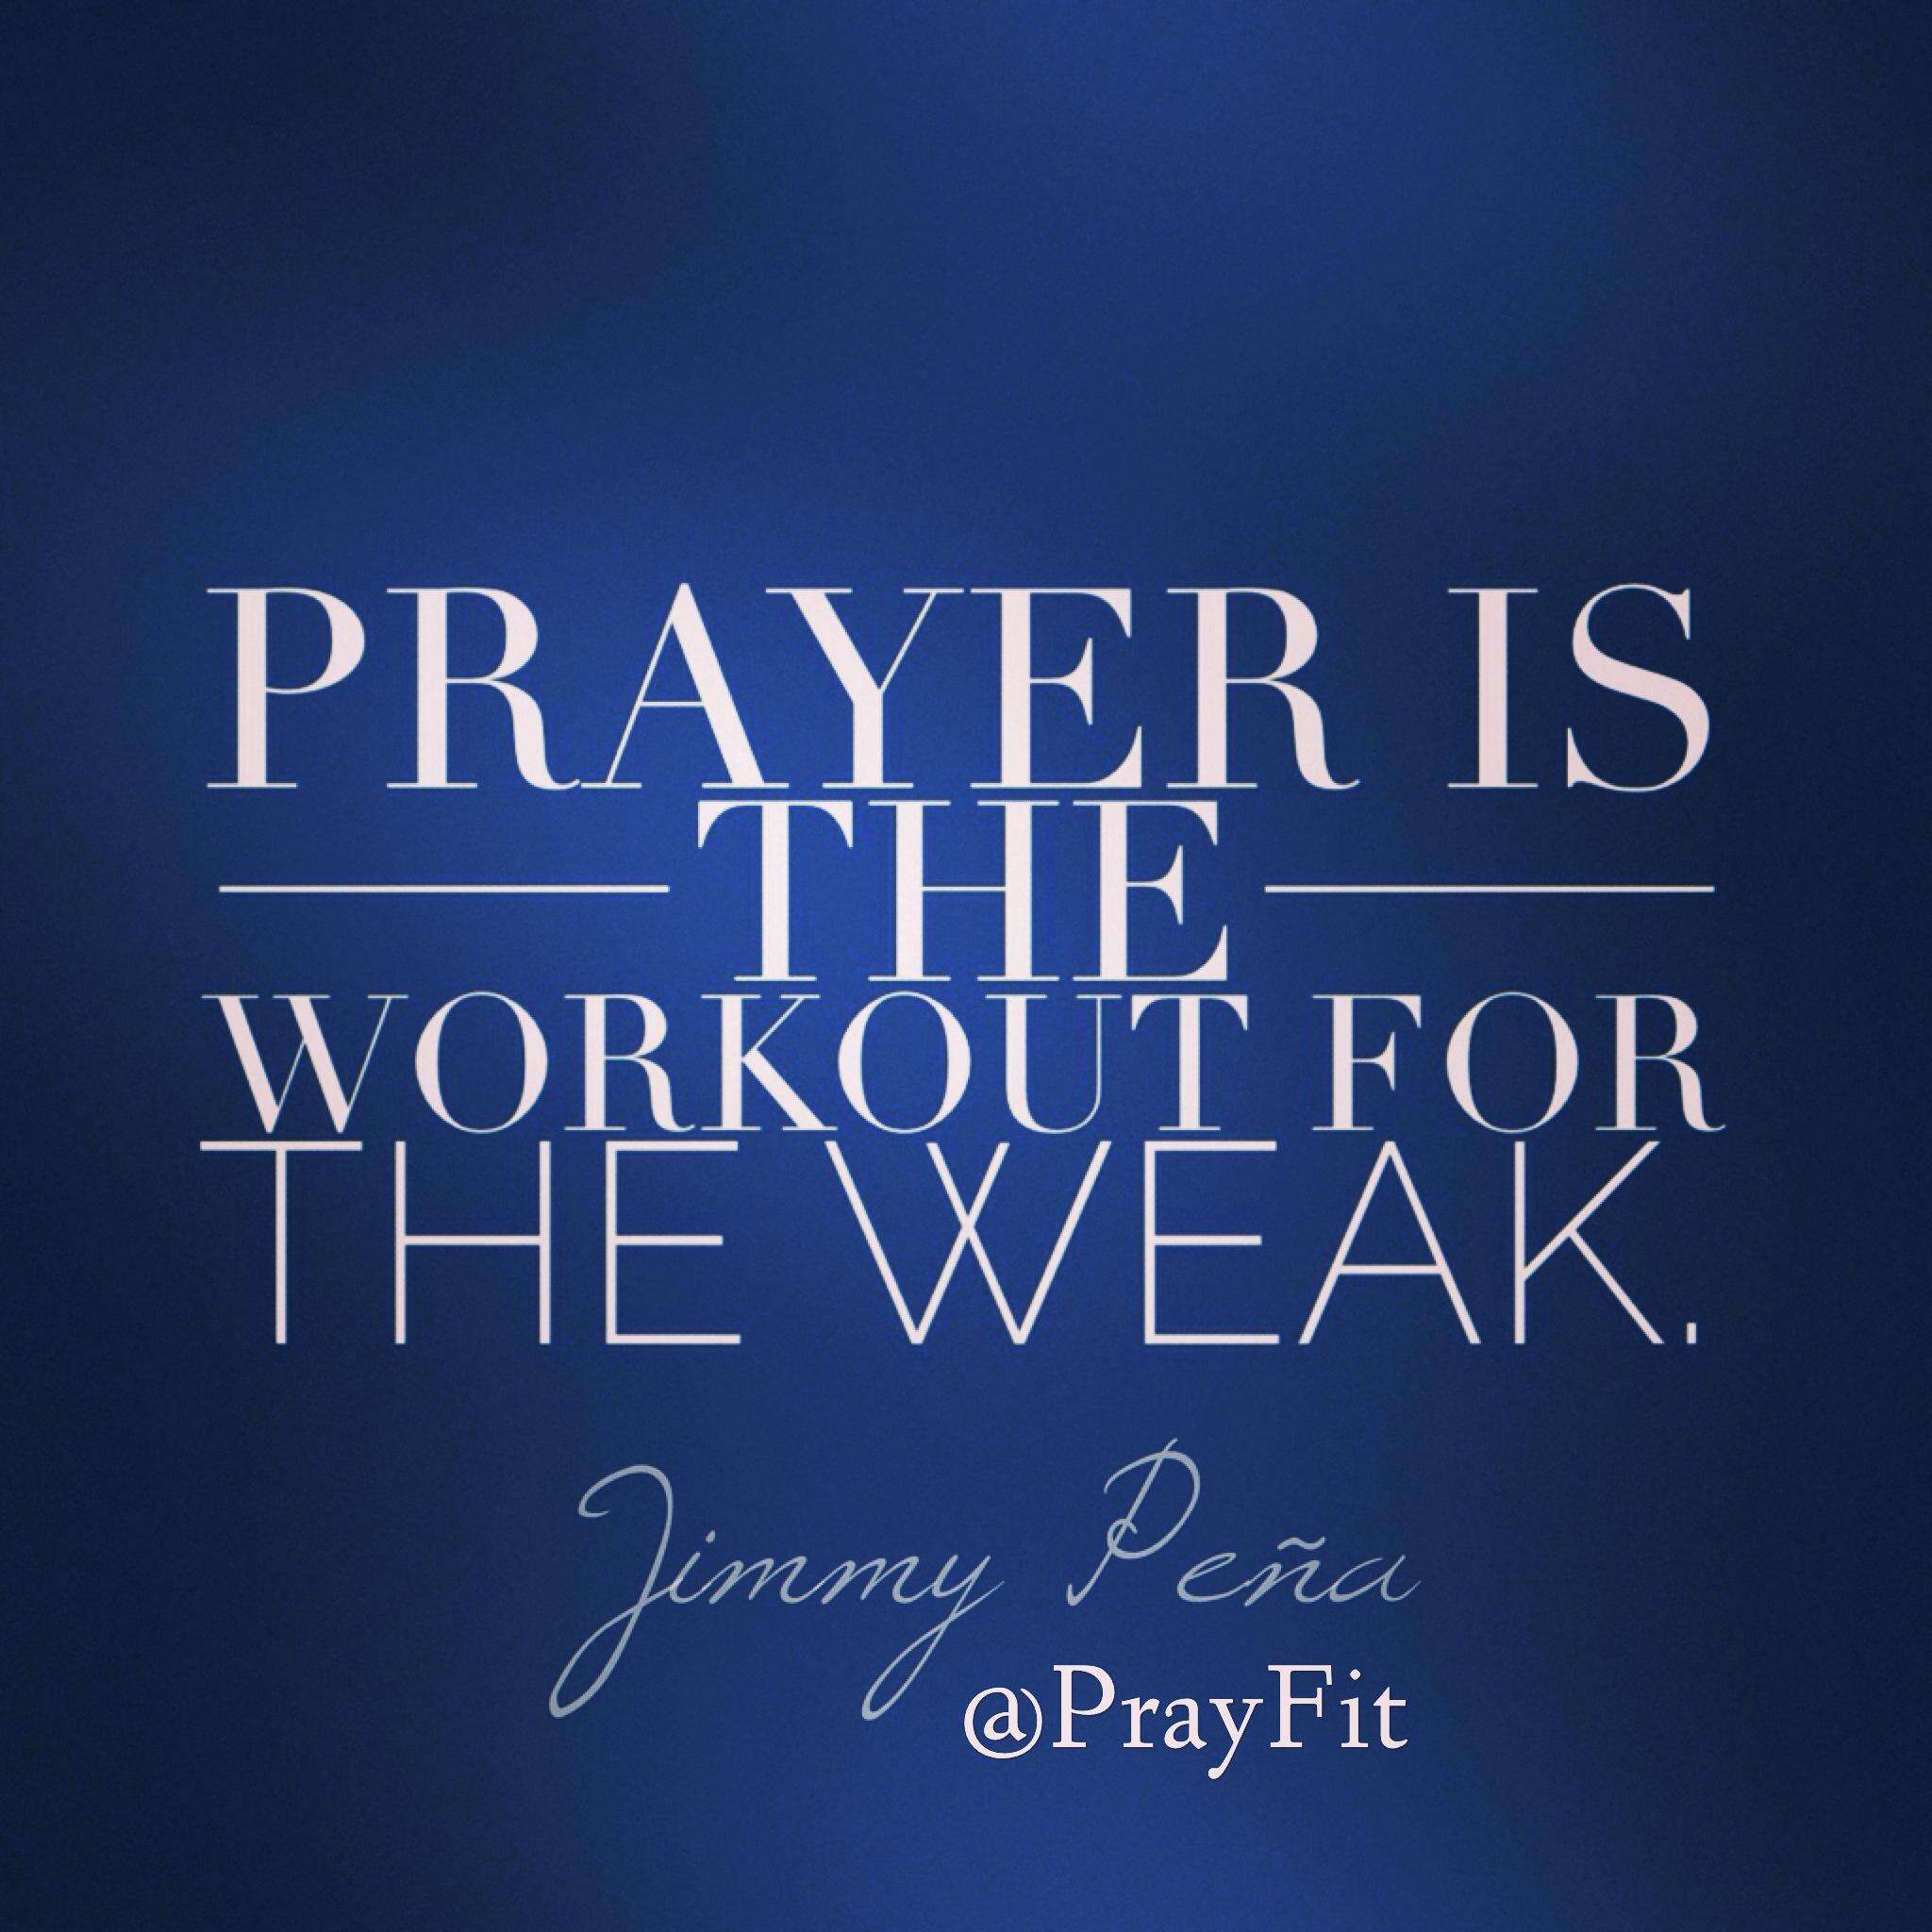 PrayerIS